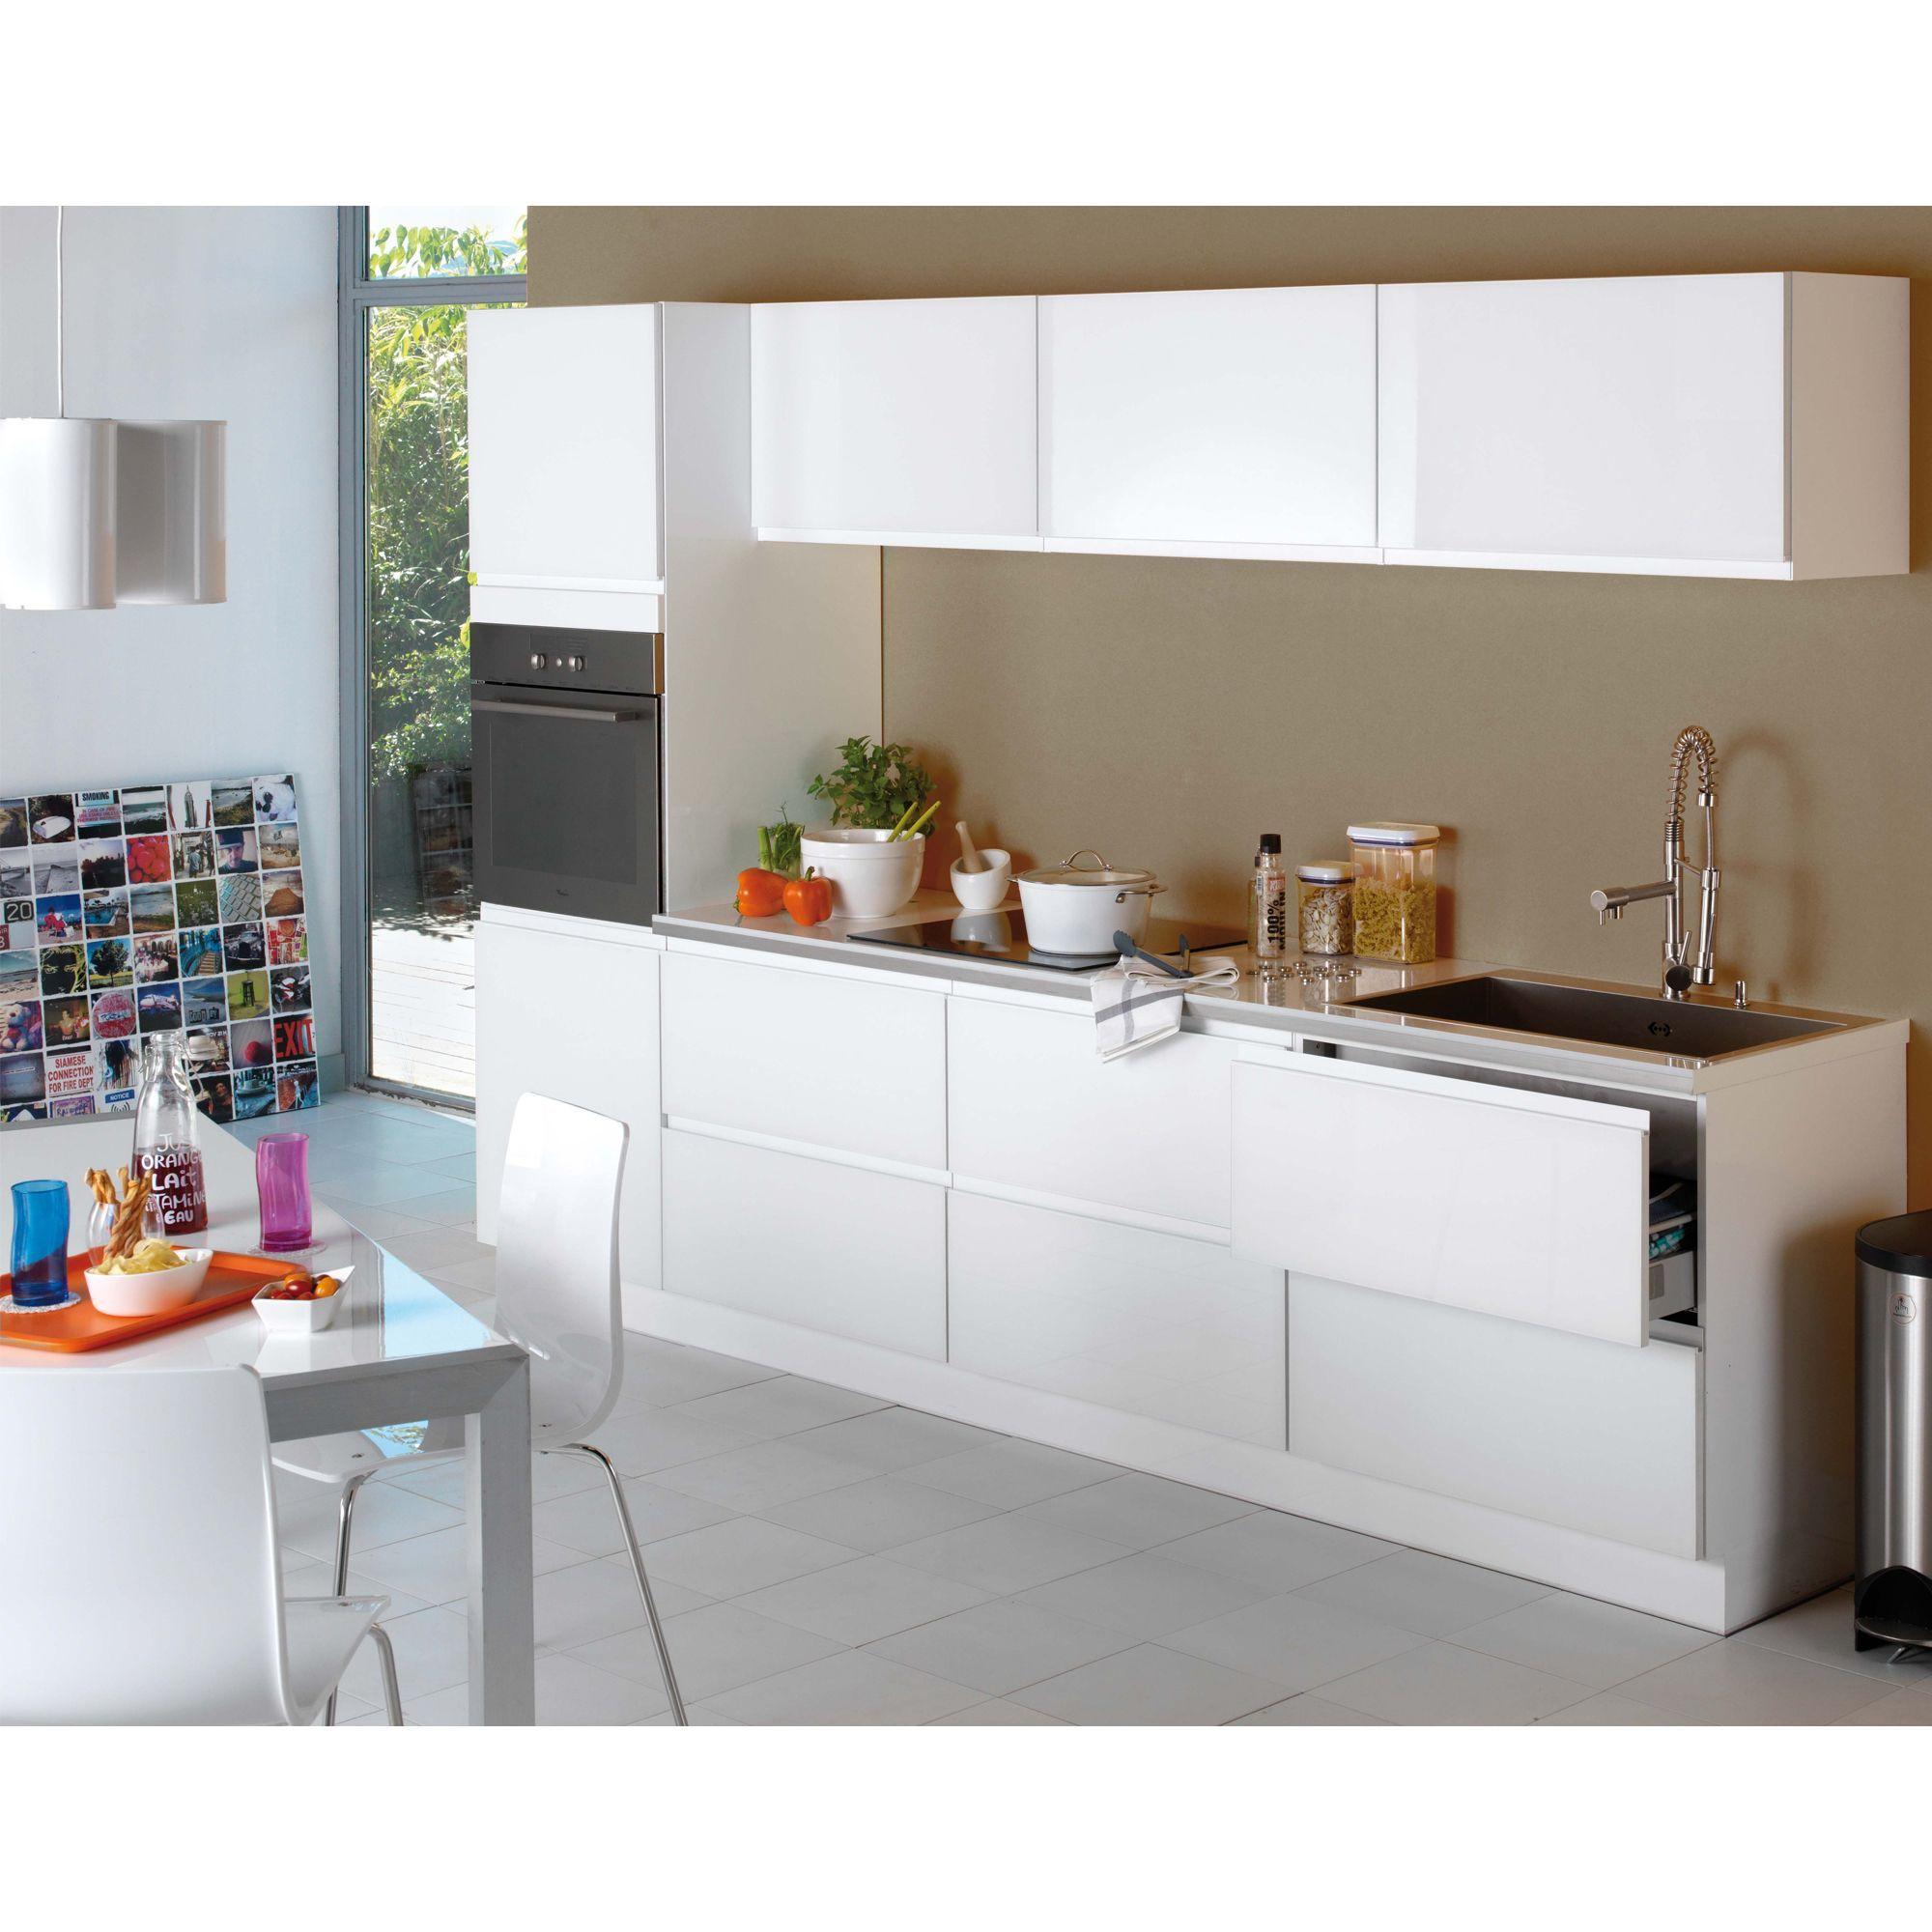 Cuisine A Composer Modele Type Blanc Pure Bandeau Les Cuisines A Composer Alinea Meubles De Cuisine Mobilier De Salon Meuble Deco Decoration Interieure